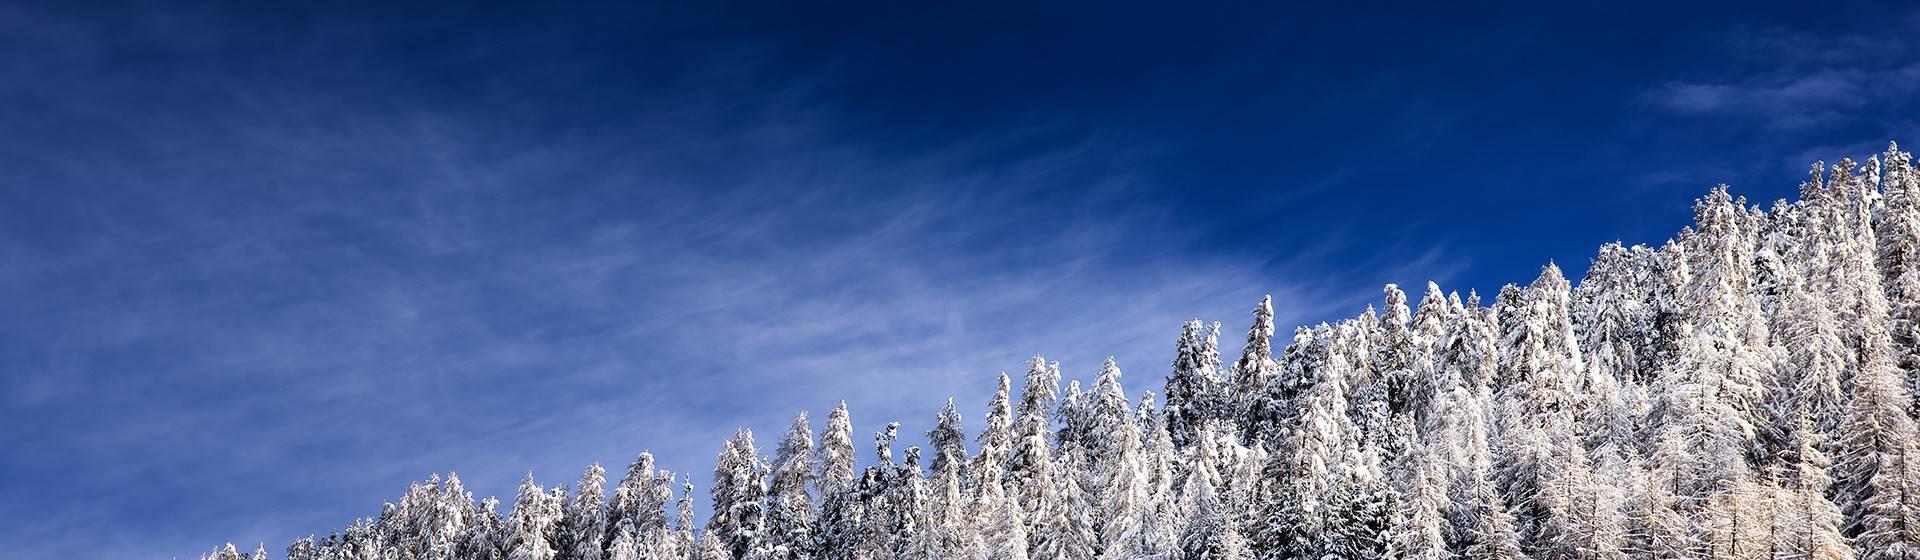 Schneebedeckte Bäume bei blauem Himmel